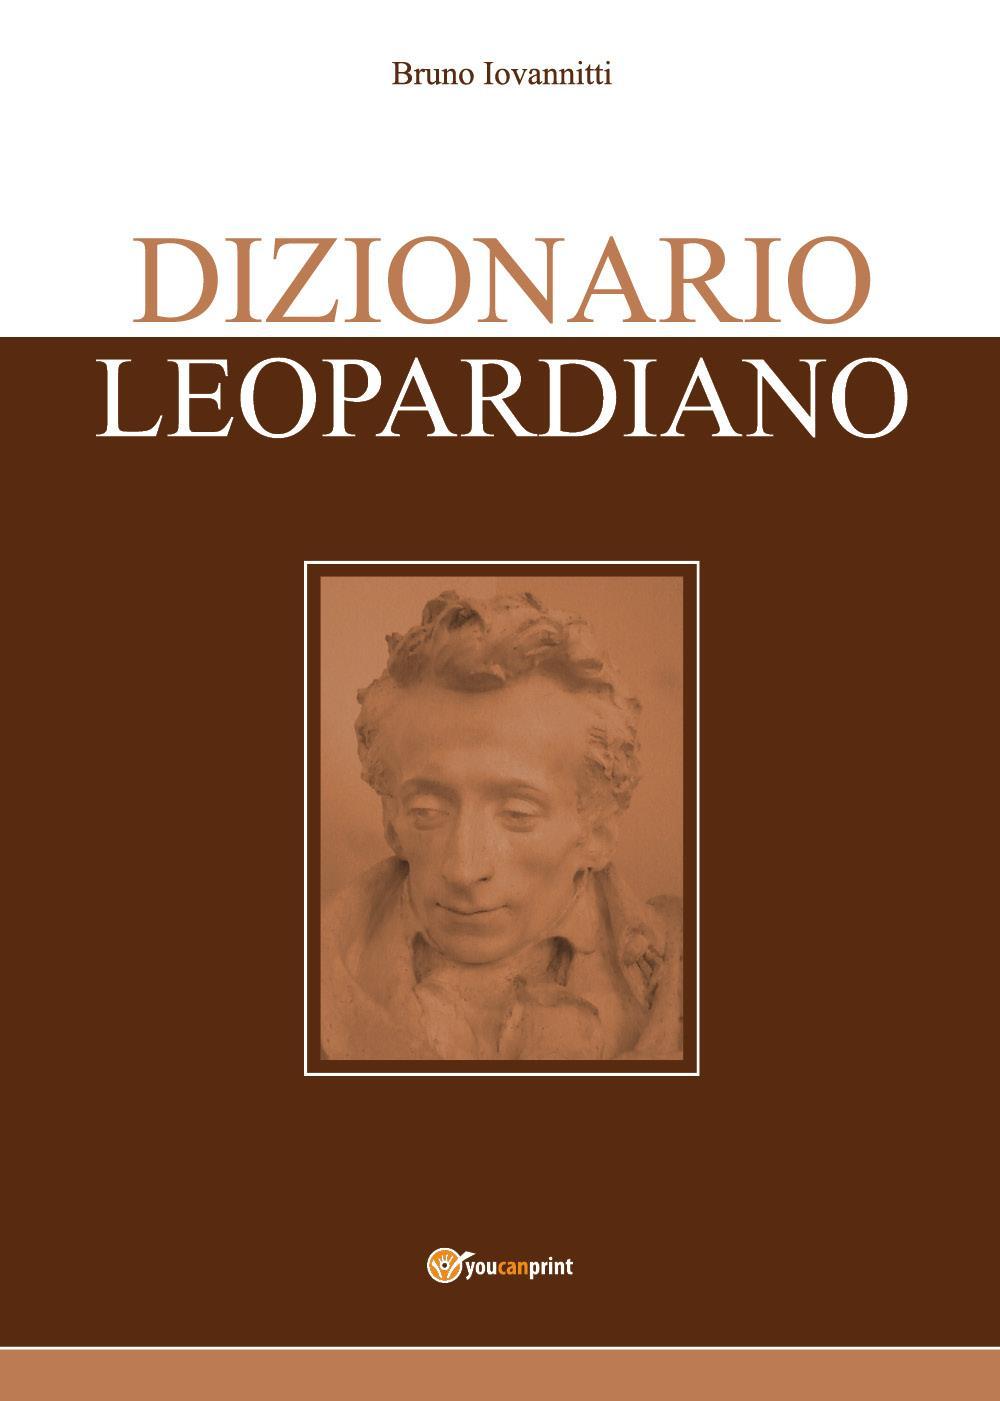 Dizionario Leopardiano